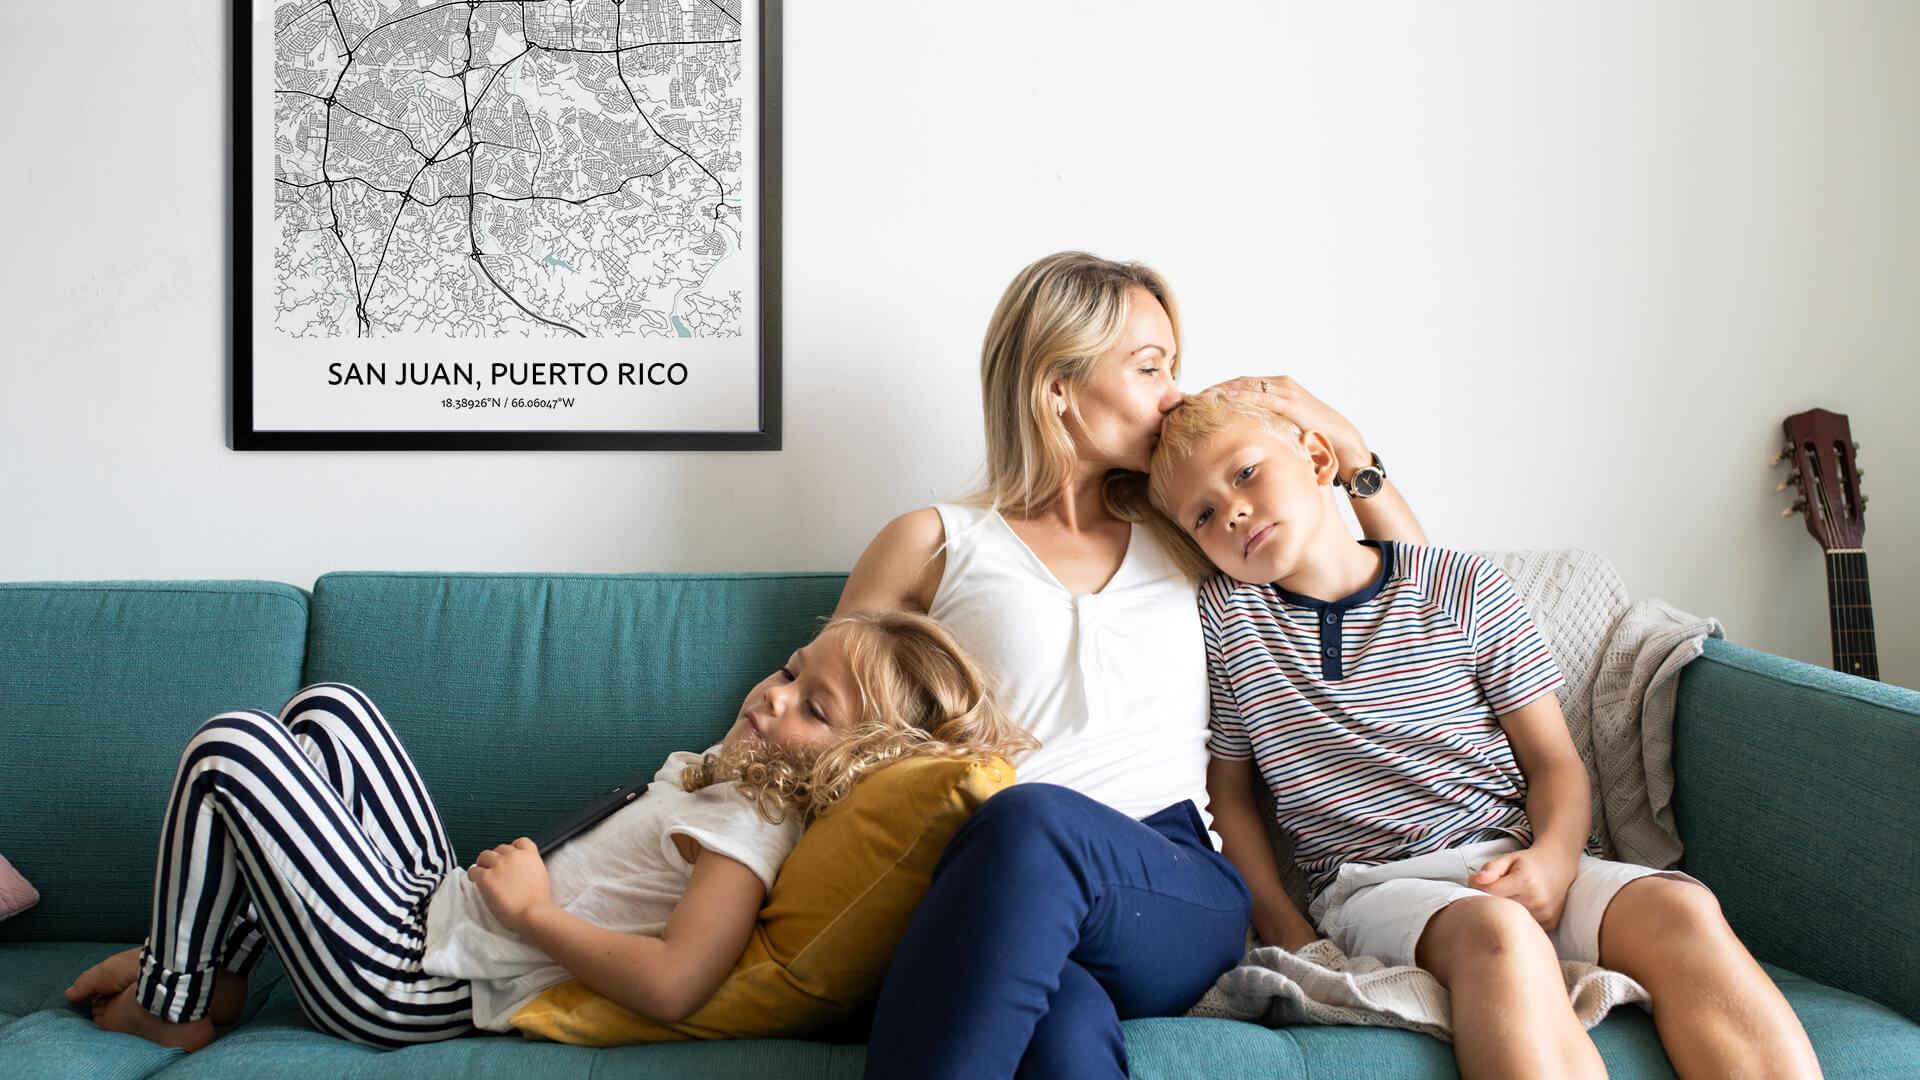 San Juan map poster